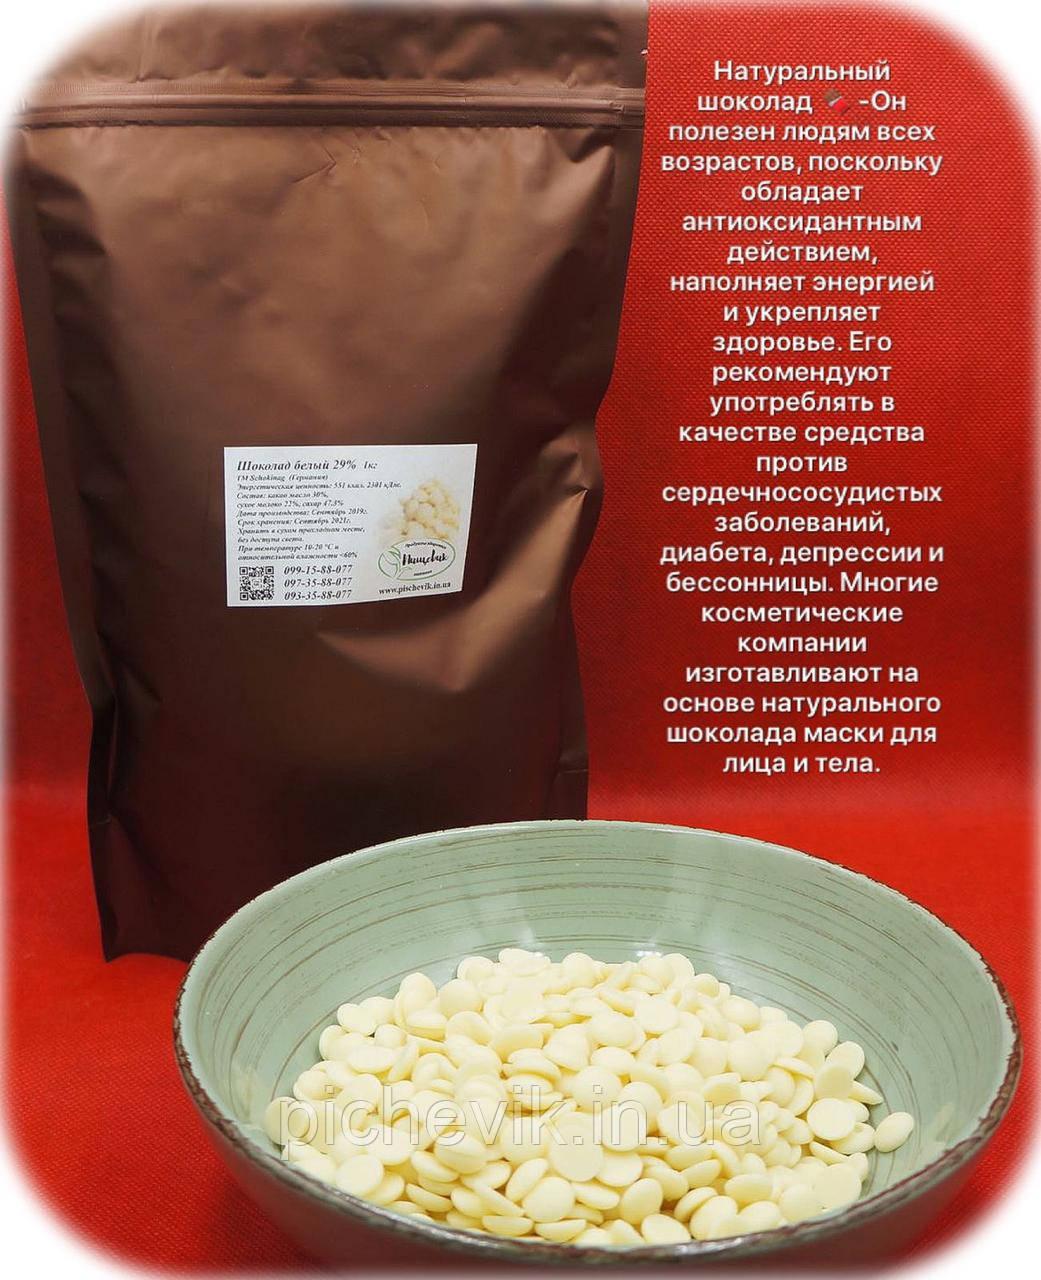 Шоколад белый 29% ТМ Schokinag (Германия) Вес: 1 кг